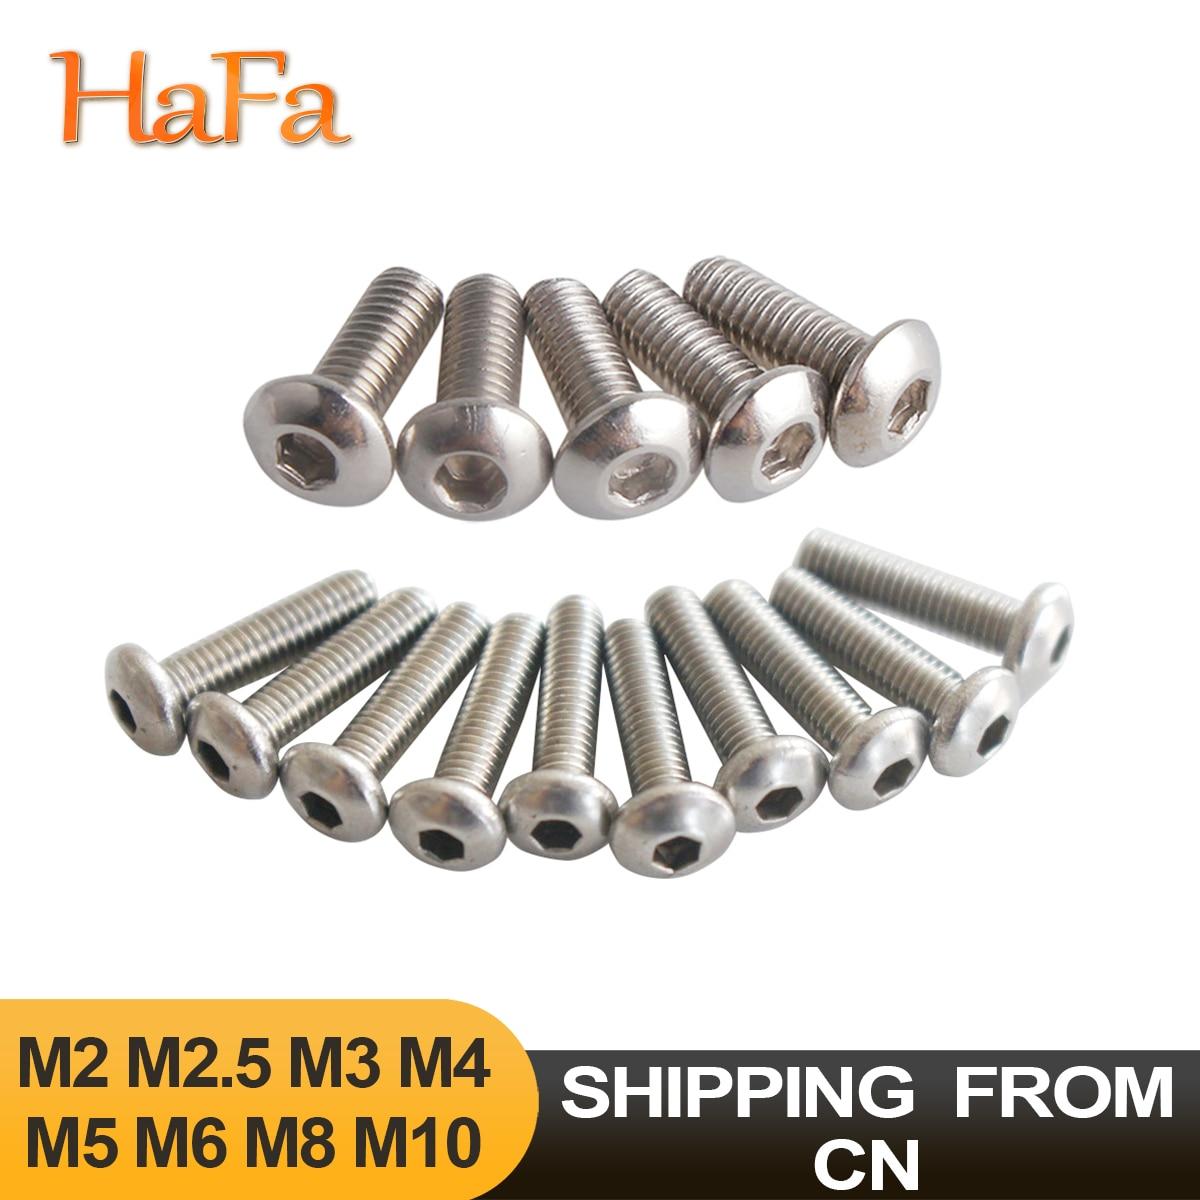 5/10/20/50 шт. шестигранный болт с круглой головкой шестигранный болт 304 A2 нержавеющая сталь M2 M2.5 M3 M4 M5 M6 M8 M10 ISO7380